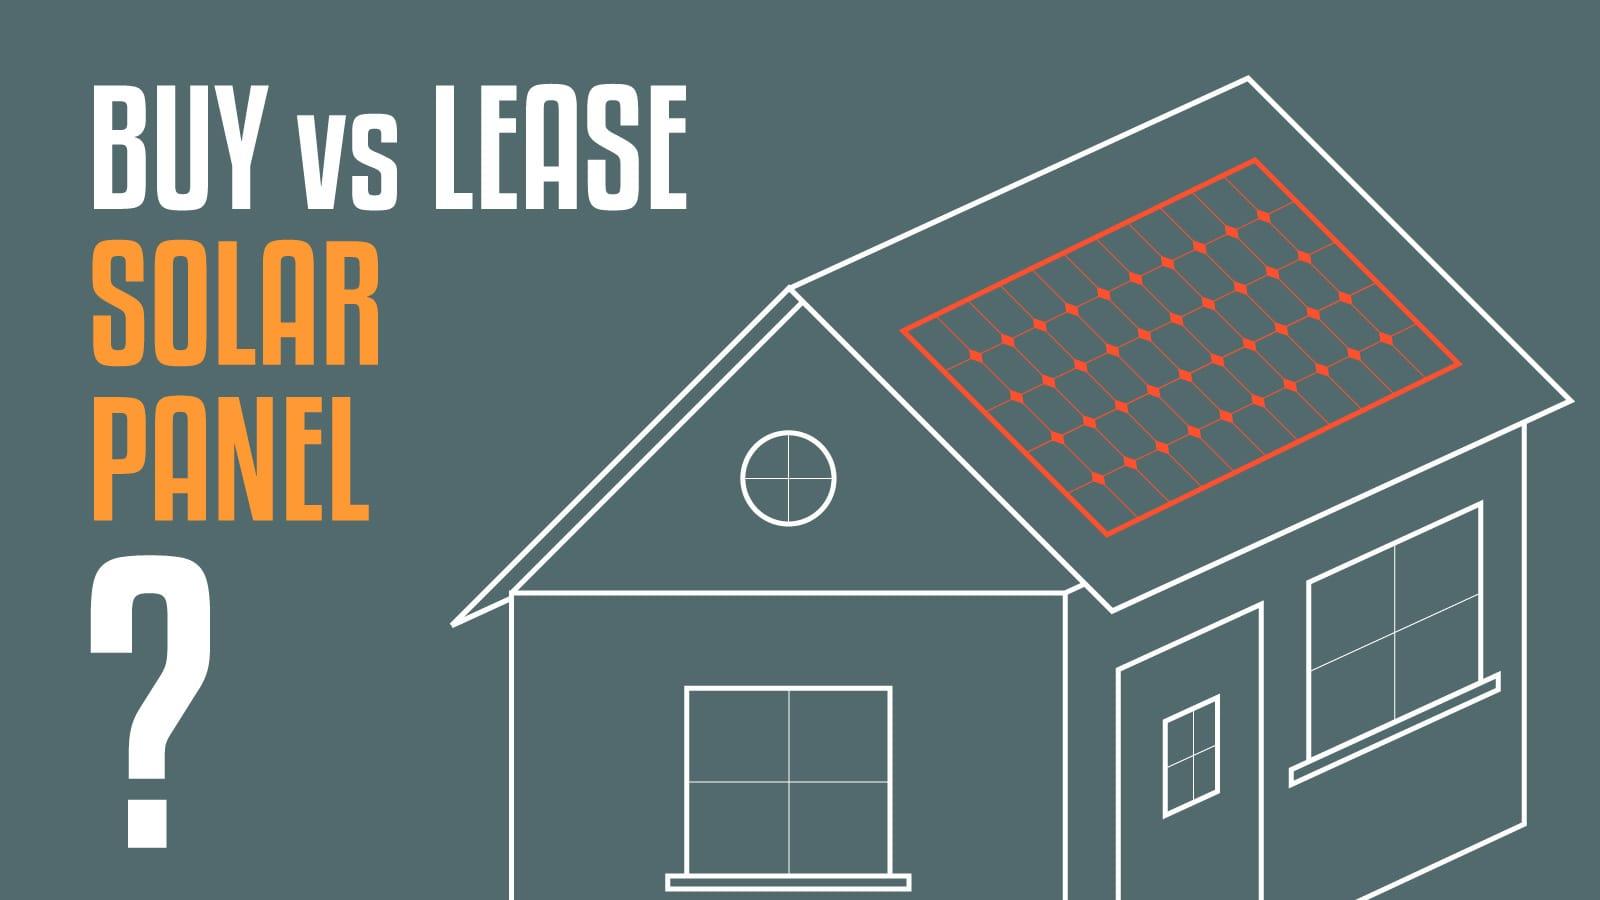 buy vs lease solar panel